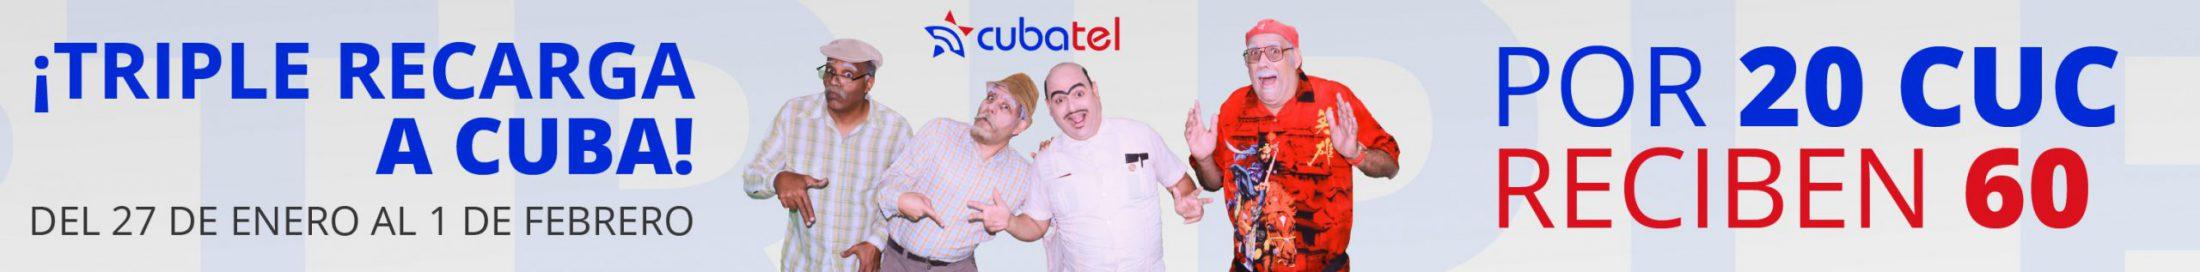 Recarga triple a Cuba